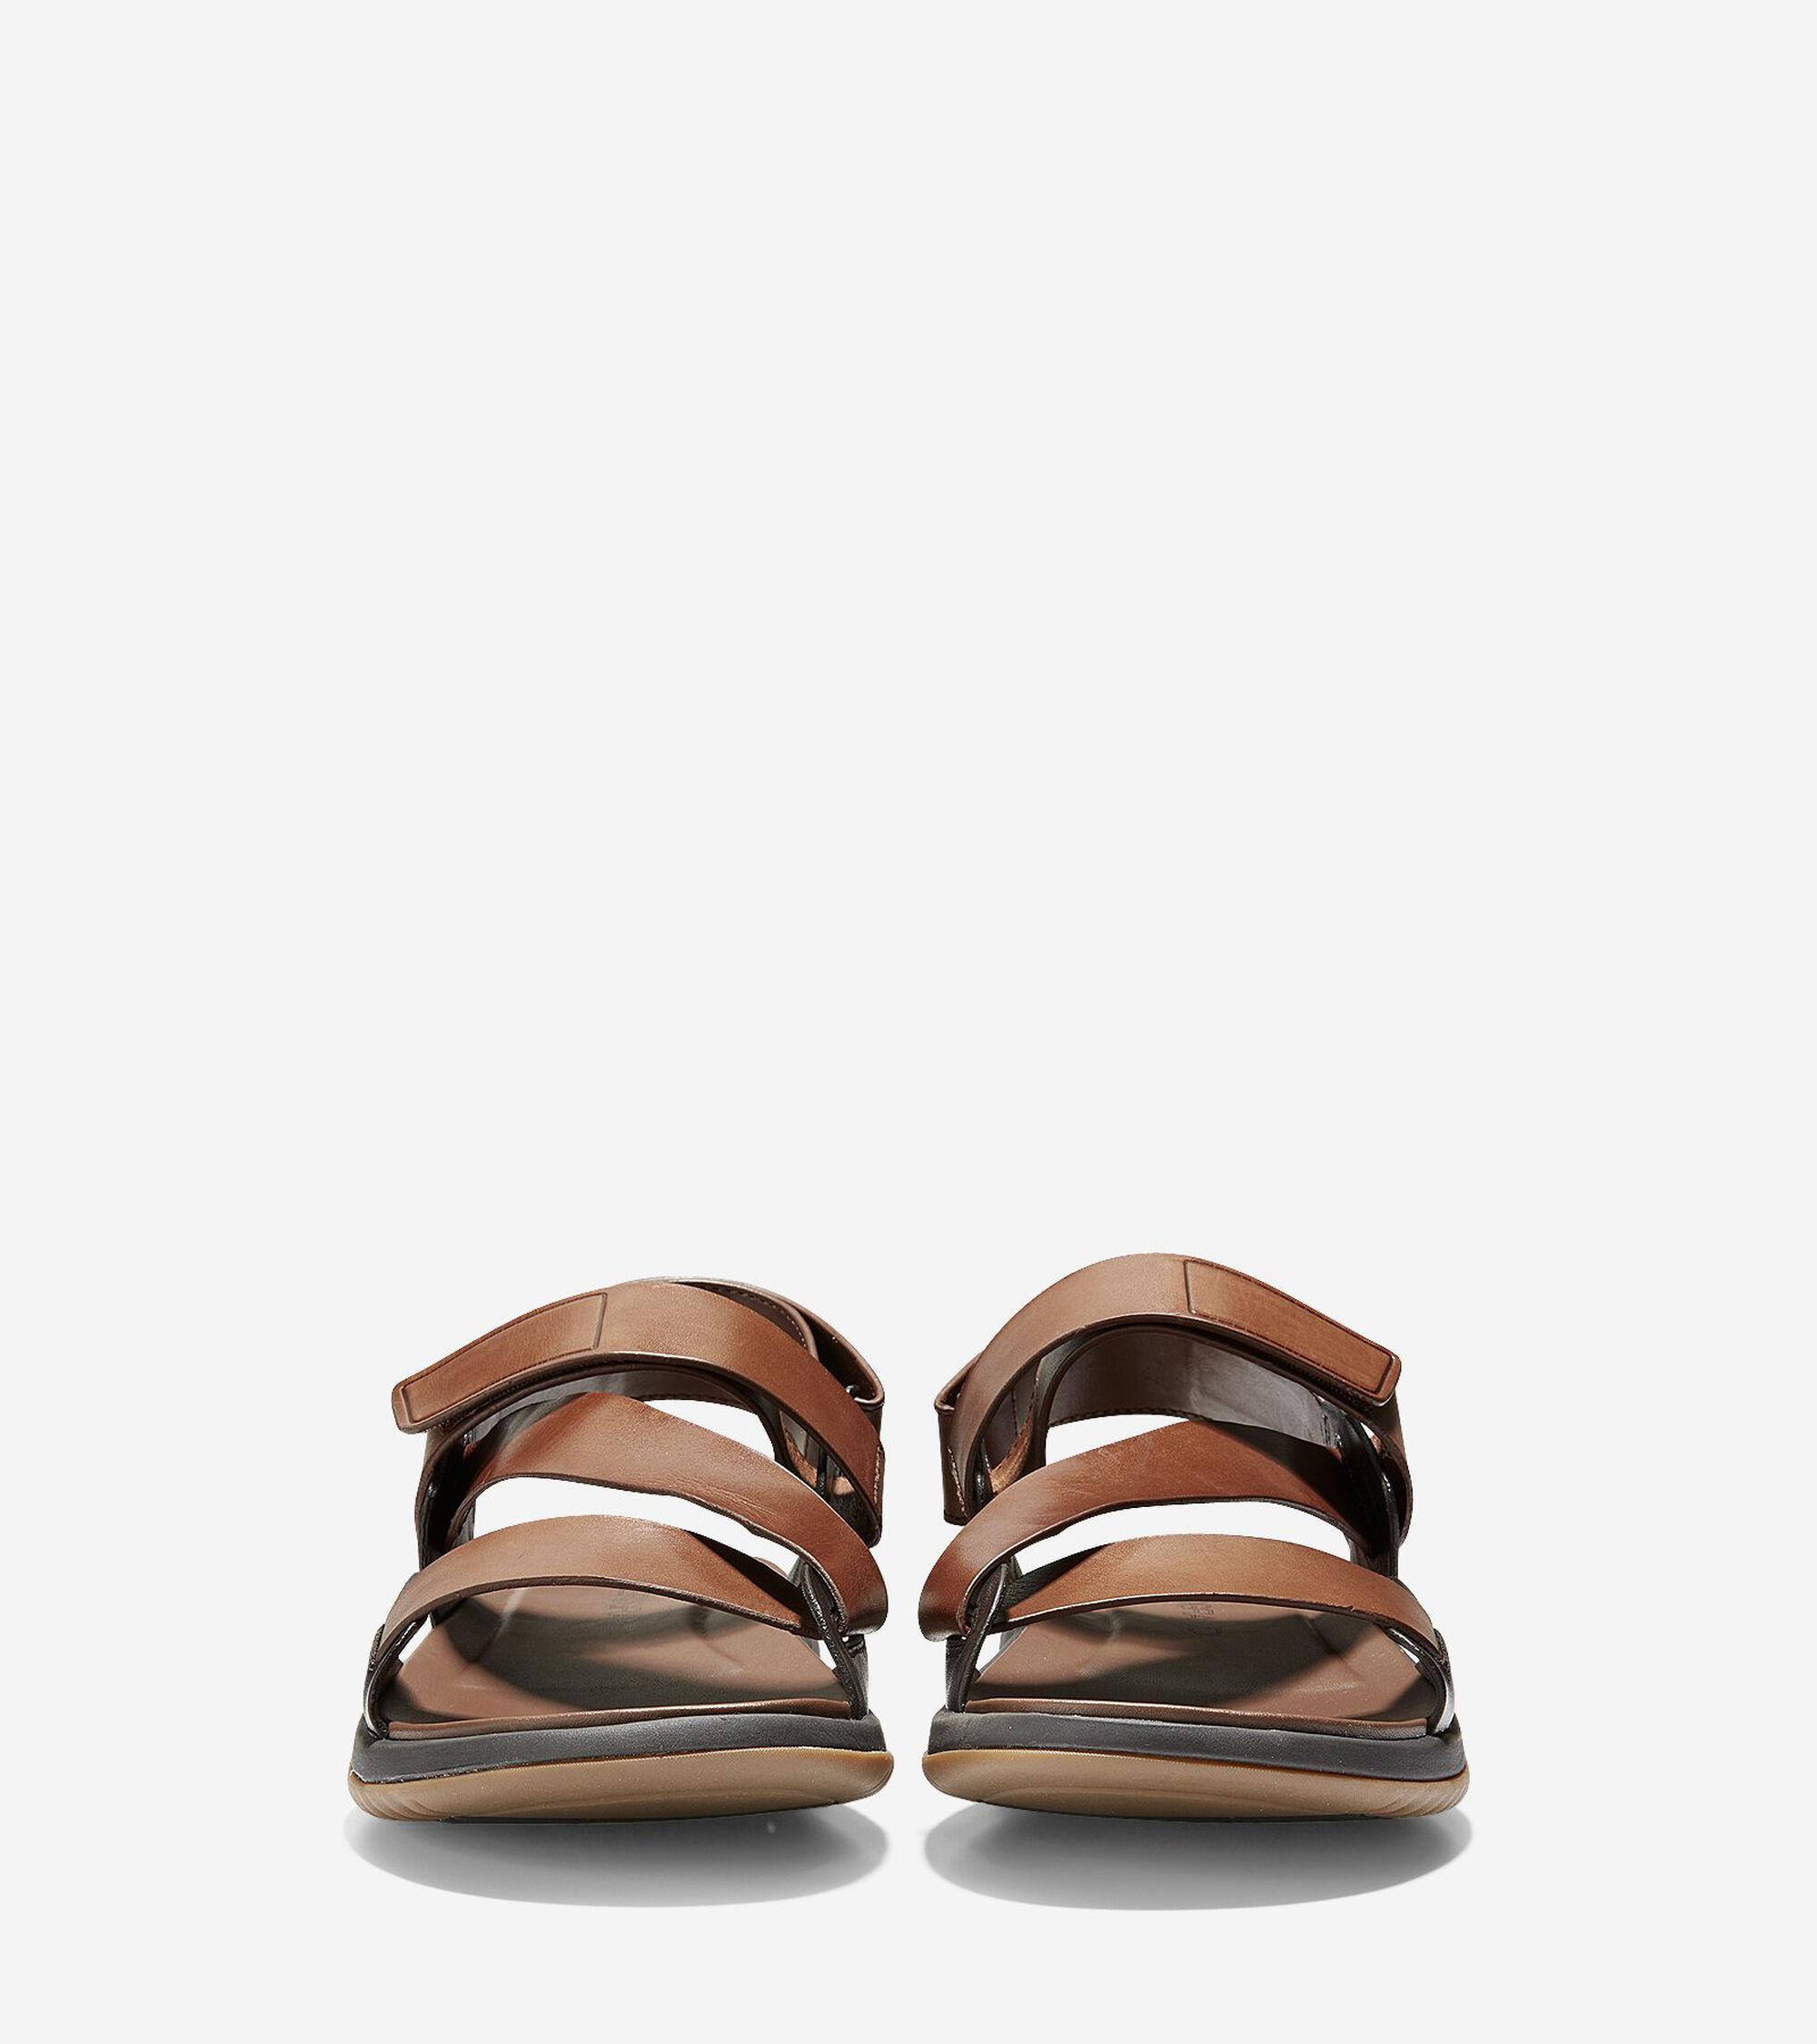 9ab56af6c6be ZERØGRAND Multi-Strap Sandal  Men s 2.ZERØGRAND Multi-Strap Sandal ...